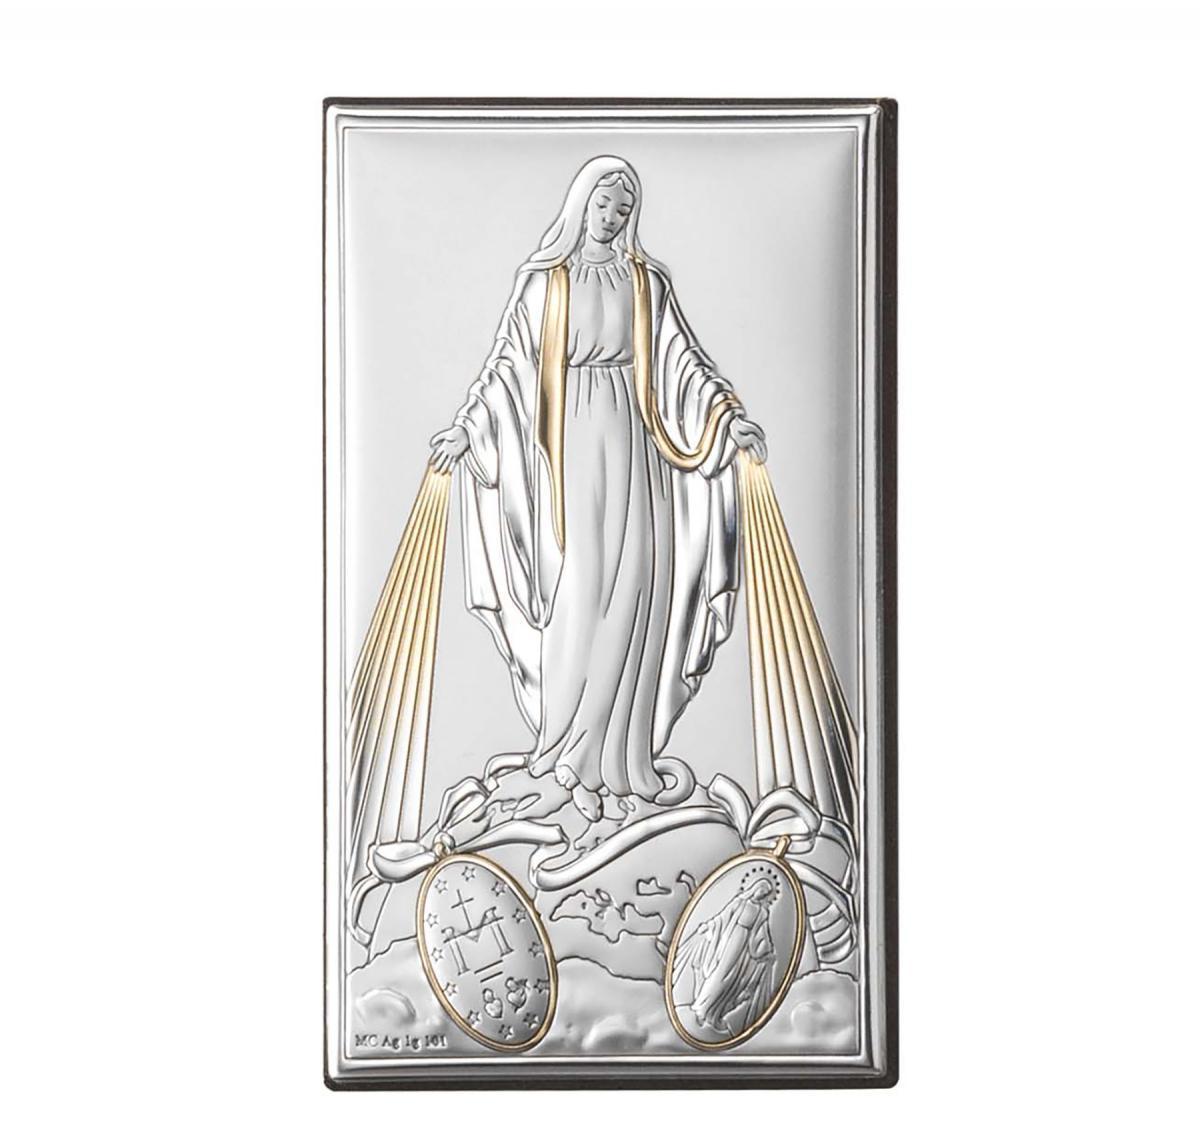 Ікона срібна Непорочне зачаття Діви Марії з позолотою 12х20см 81322 4XLORO